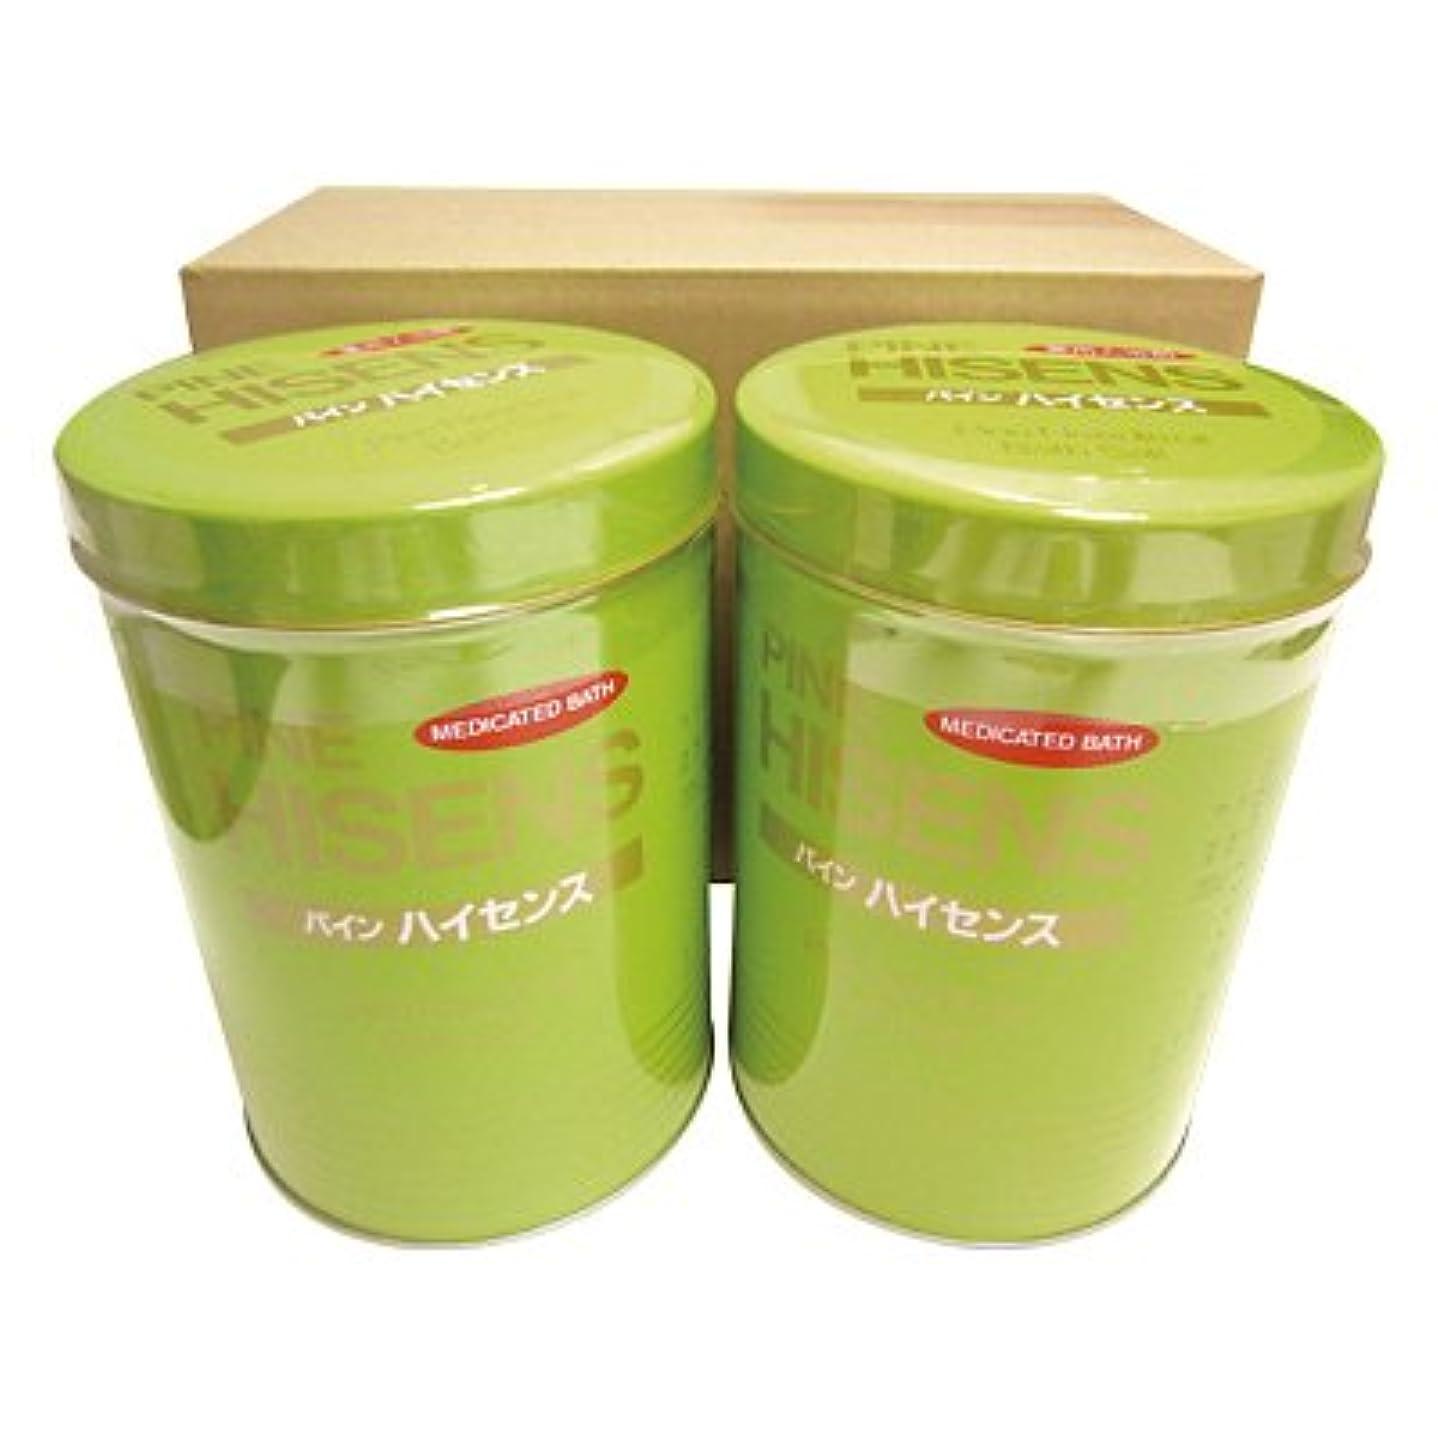 平等ケイ素重さ高陽社 薬用入浴剤 パインハイセンス 2.1kg 2缶セット